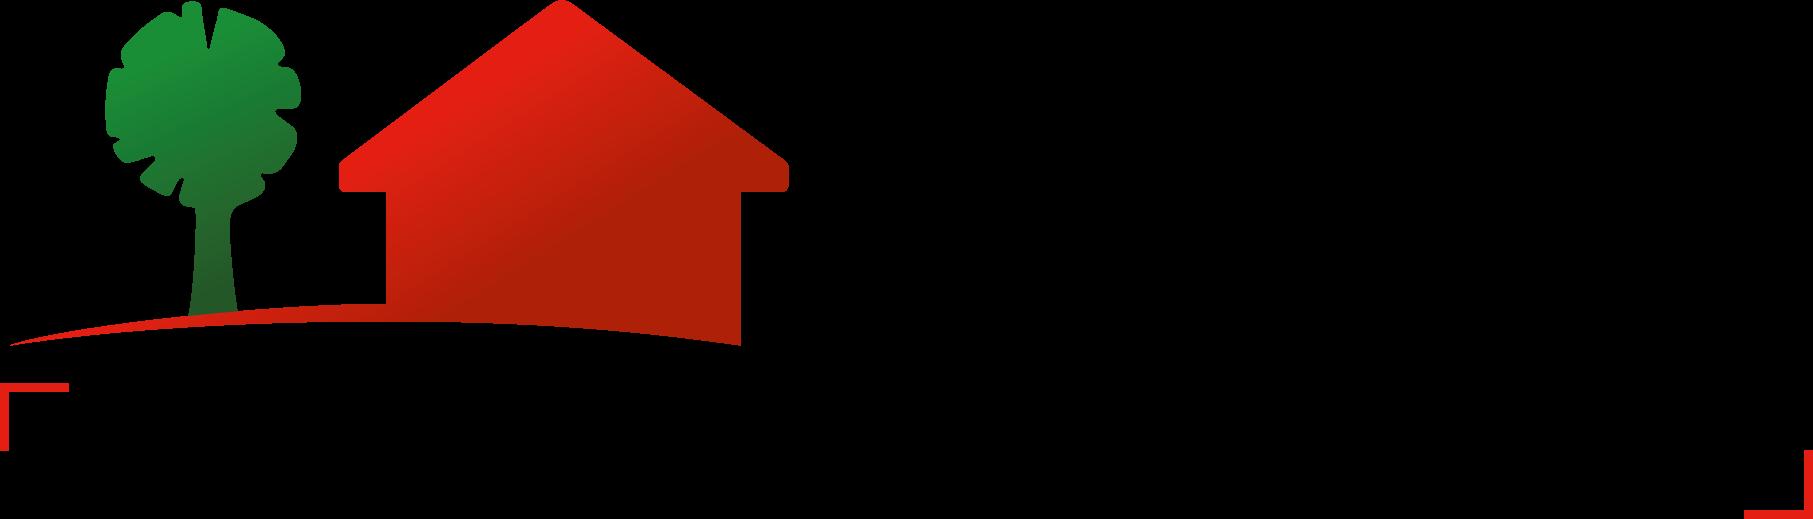 Les Constructions De La Mayenne constructeur de maisons individuelles